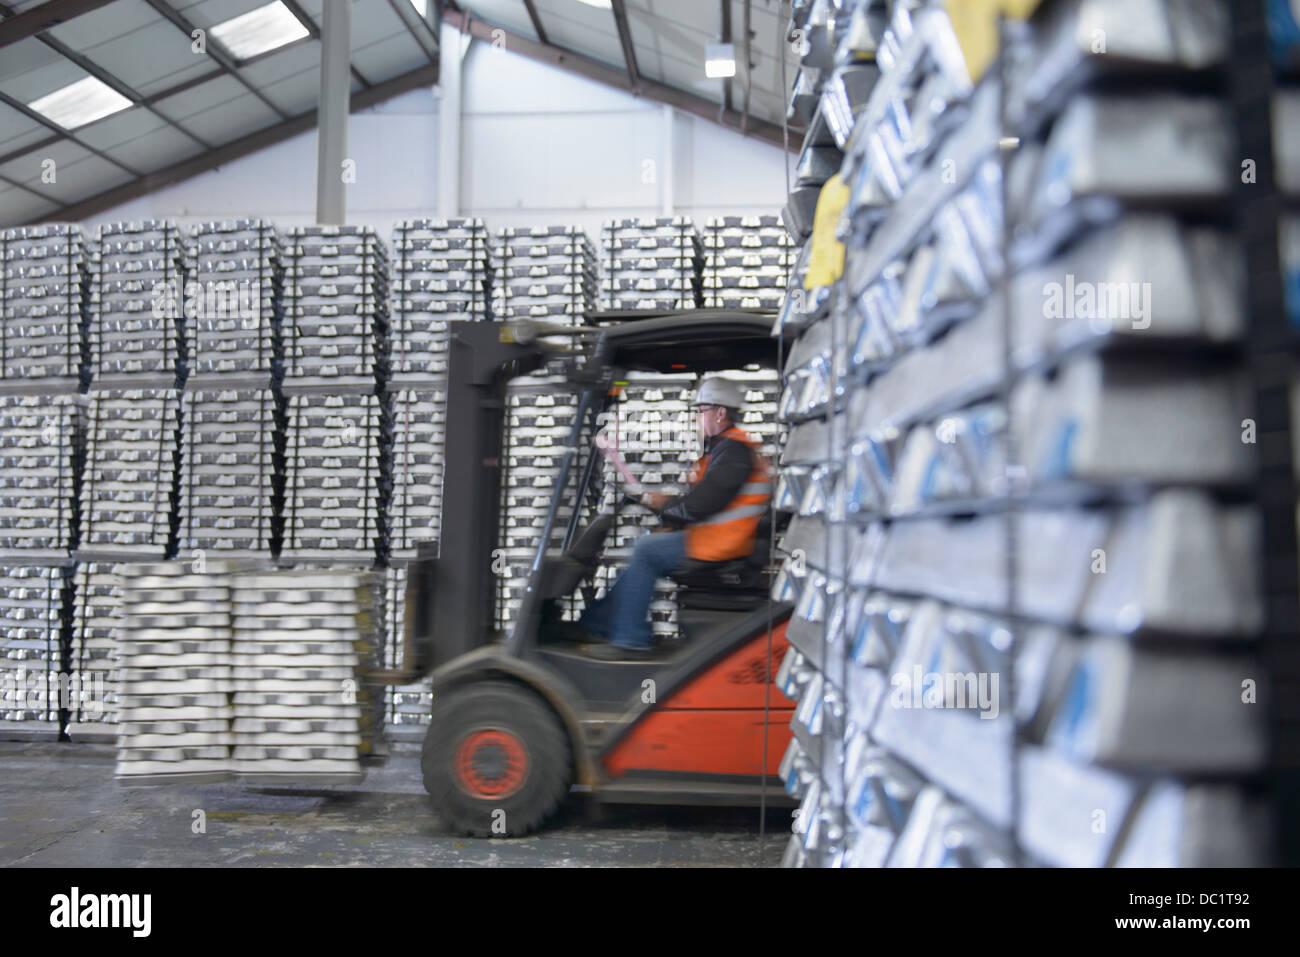 Chariot élévateur déménagement stock en entrepôt Photo Stock